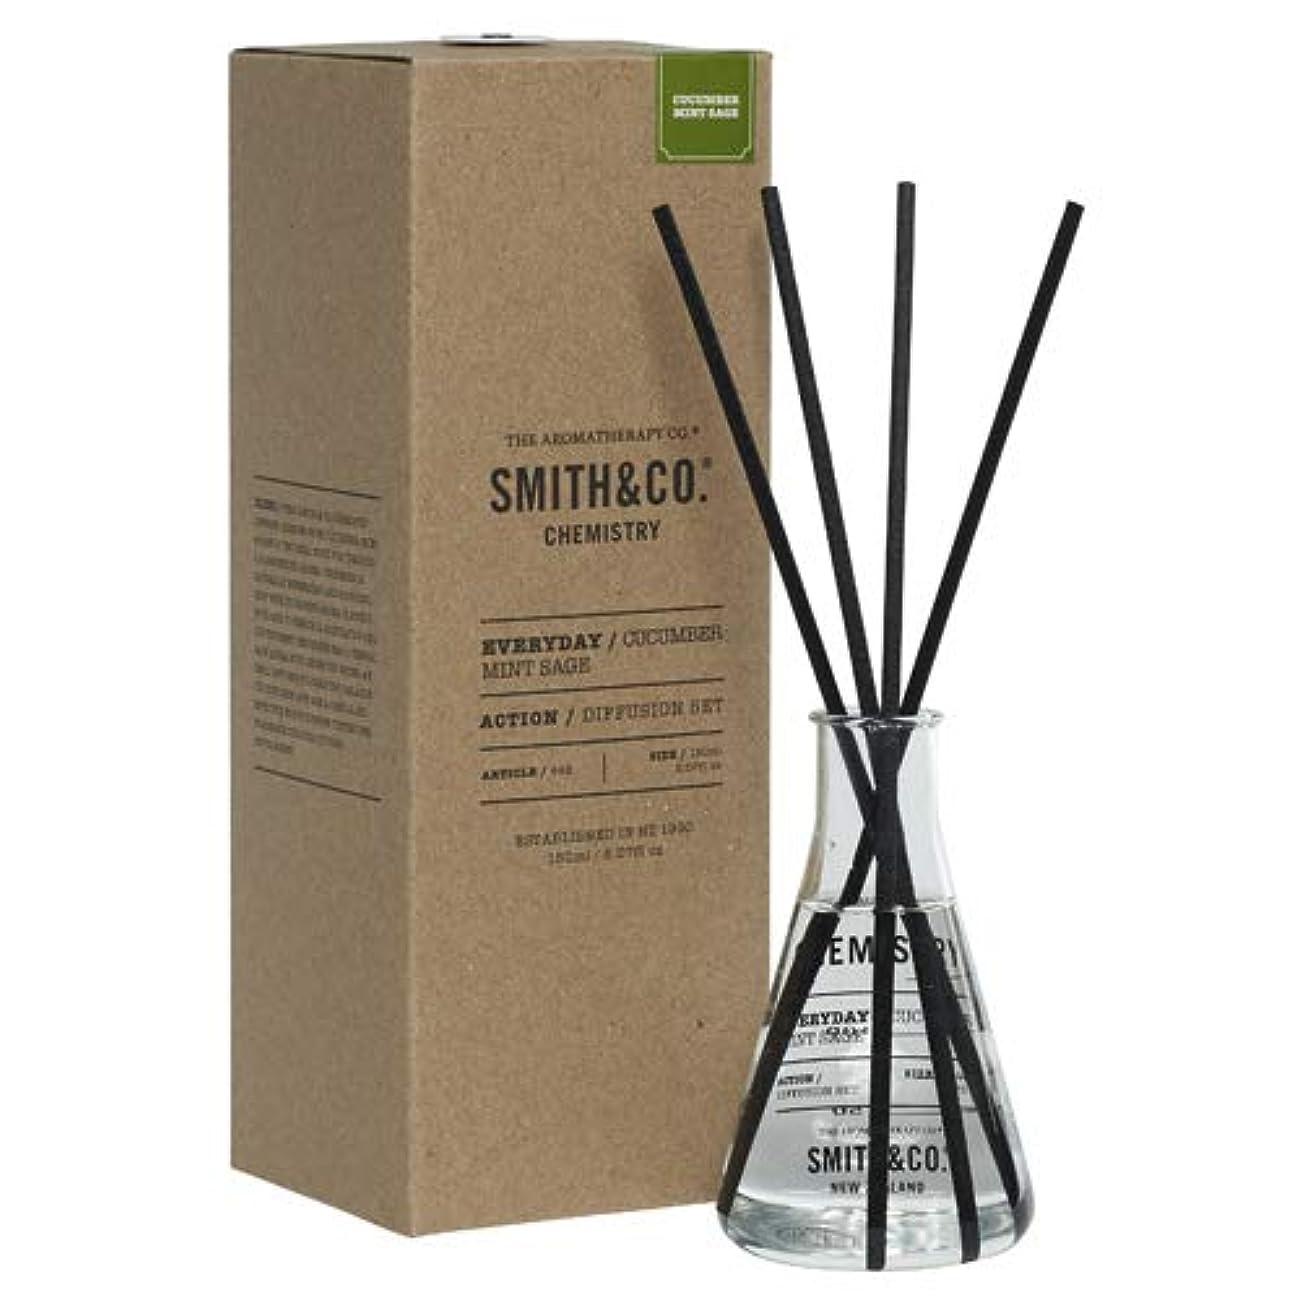 堂々たるうねる柔らかい足アロマセラピーカンパニー(Aromatherapy Company) Smith&Co. スミスアンドコー Chemistry Diffuser ケミストリーディフューザー Cucumber Mint Sage キューカンバー ミント セージ